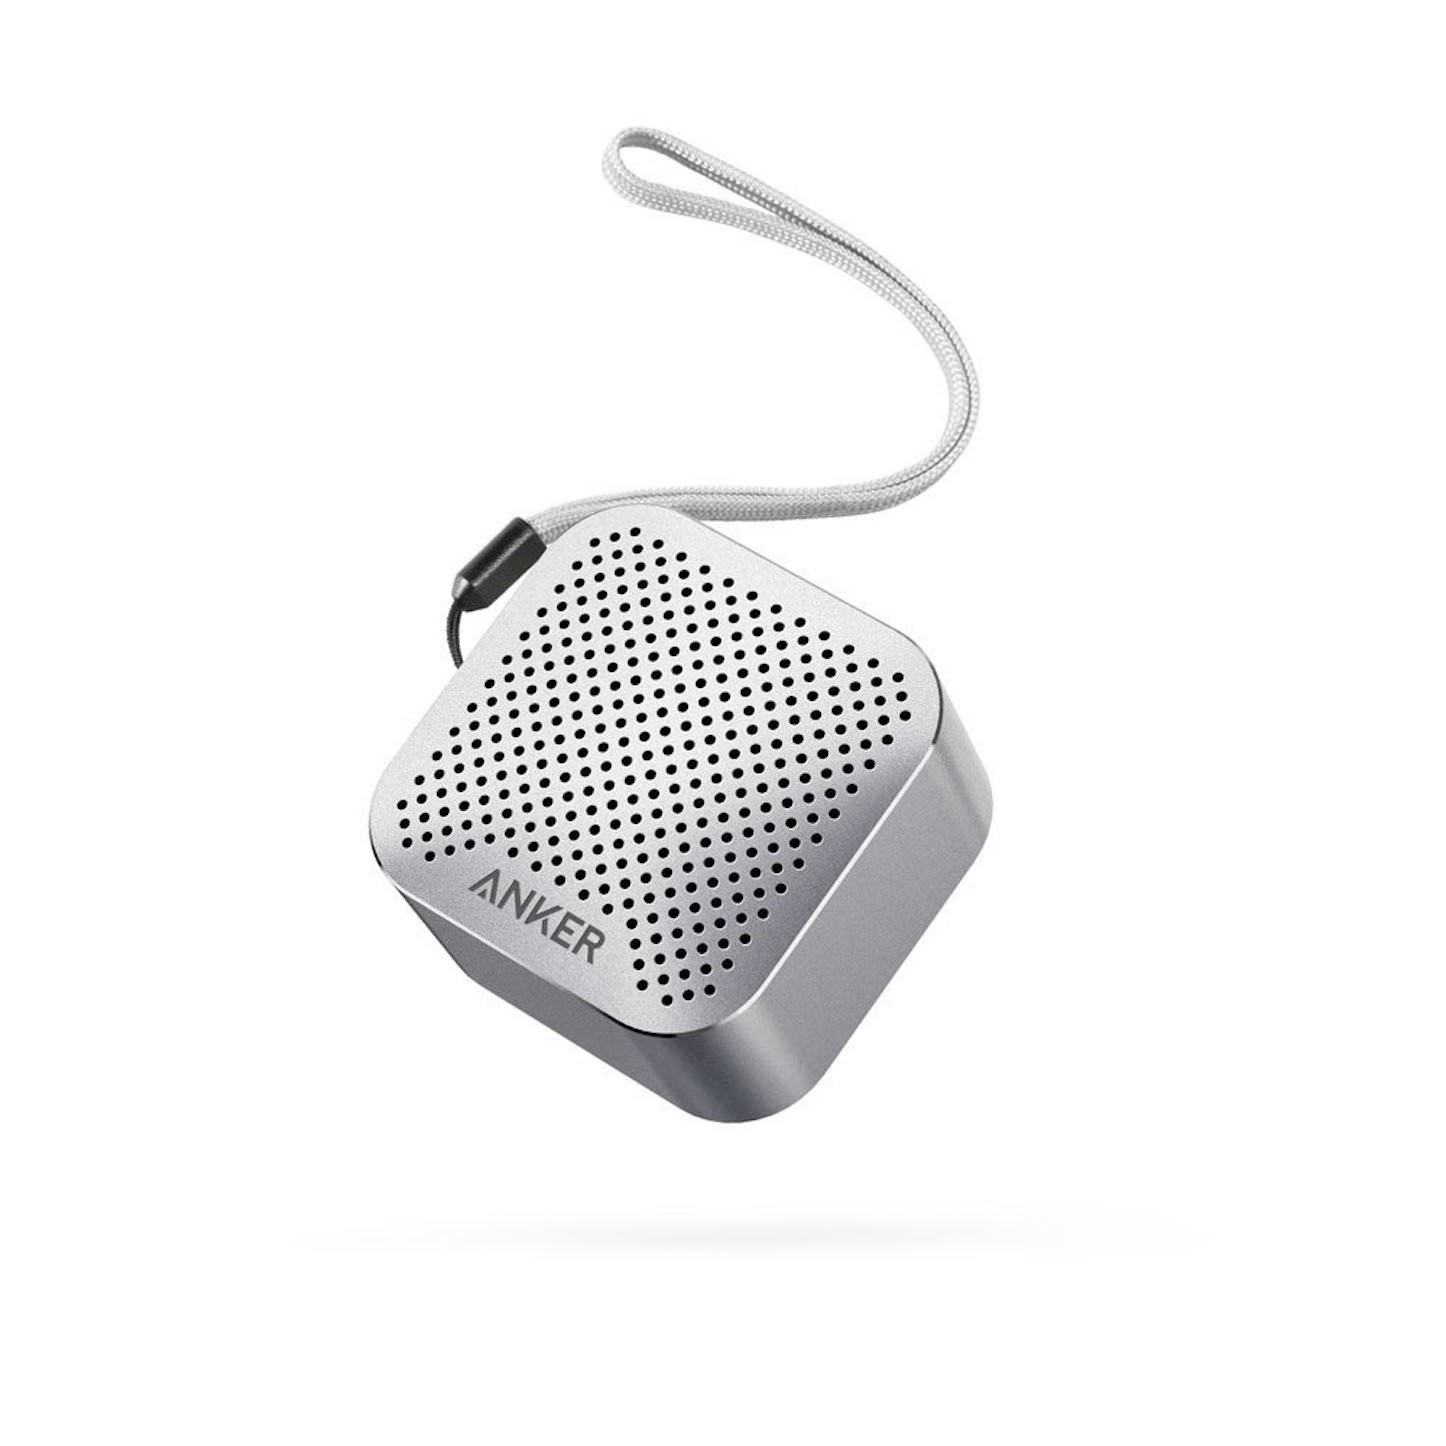 Anker SoundCore nano